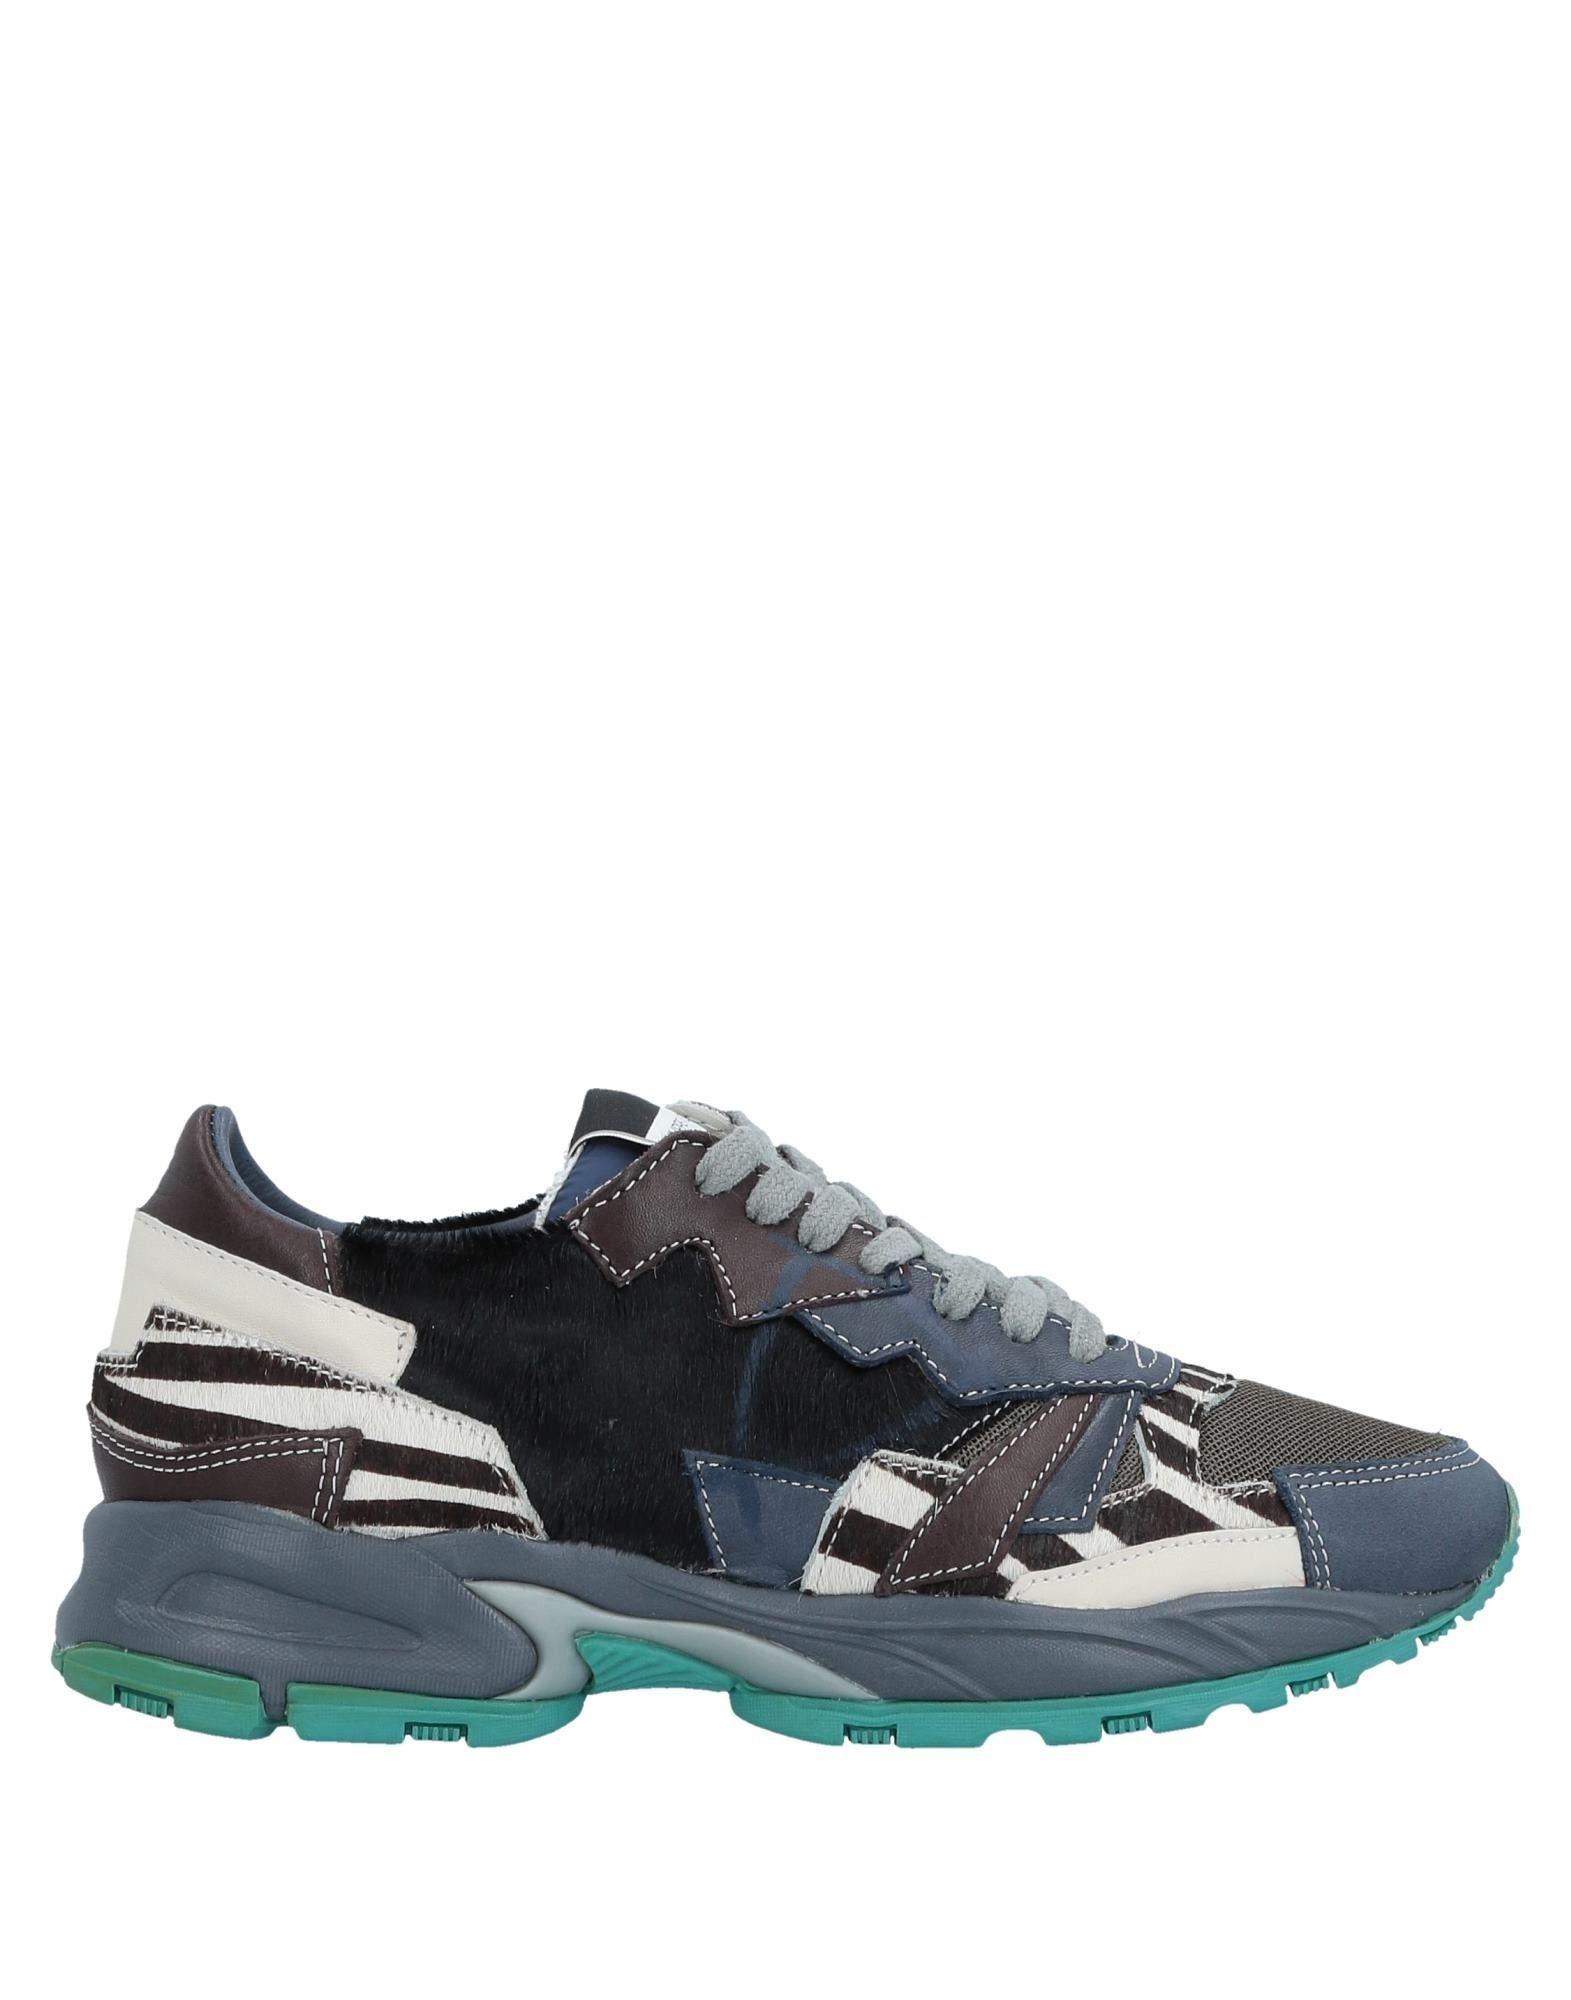 Stilvolle billige Model Schuhe Philippe Model billige Turnschuhes Damen 11516785DG 019e82